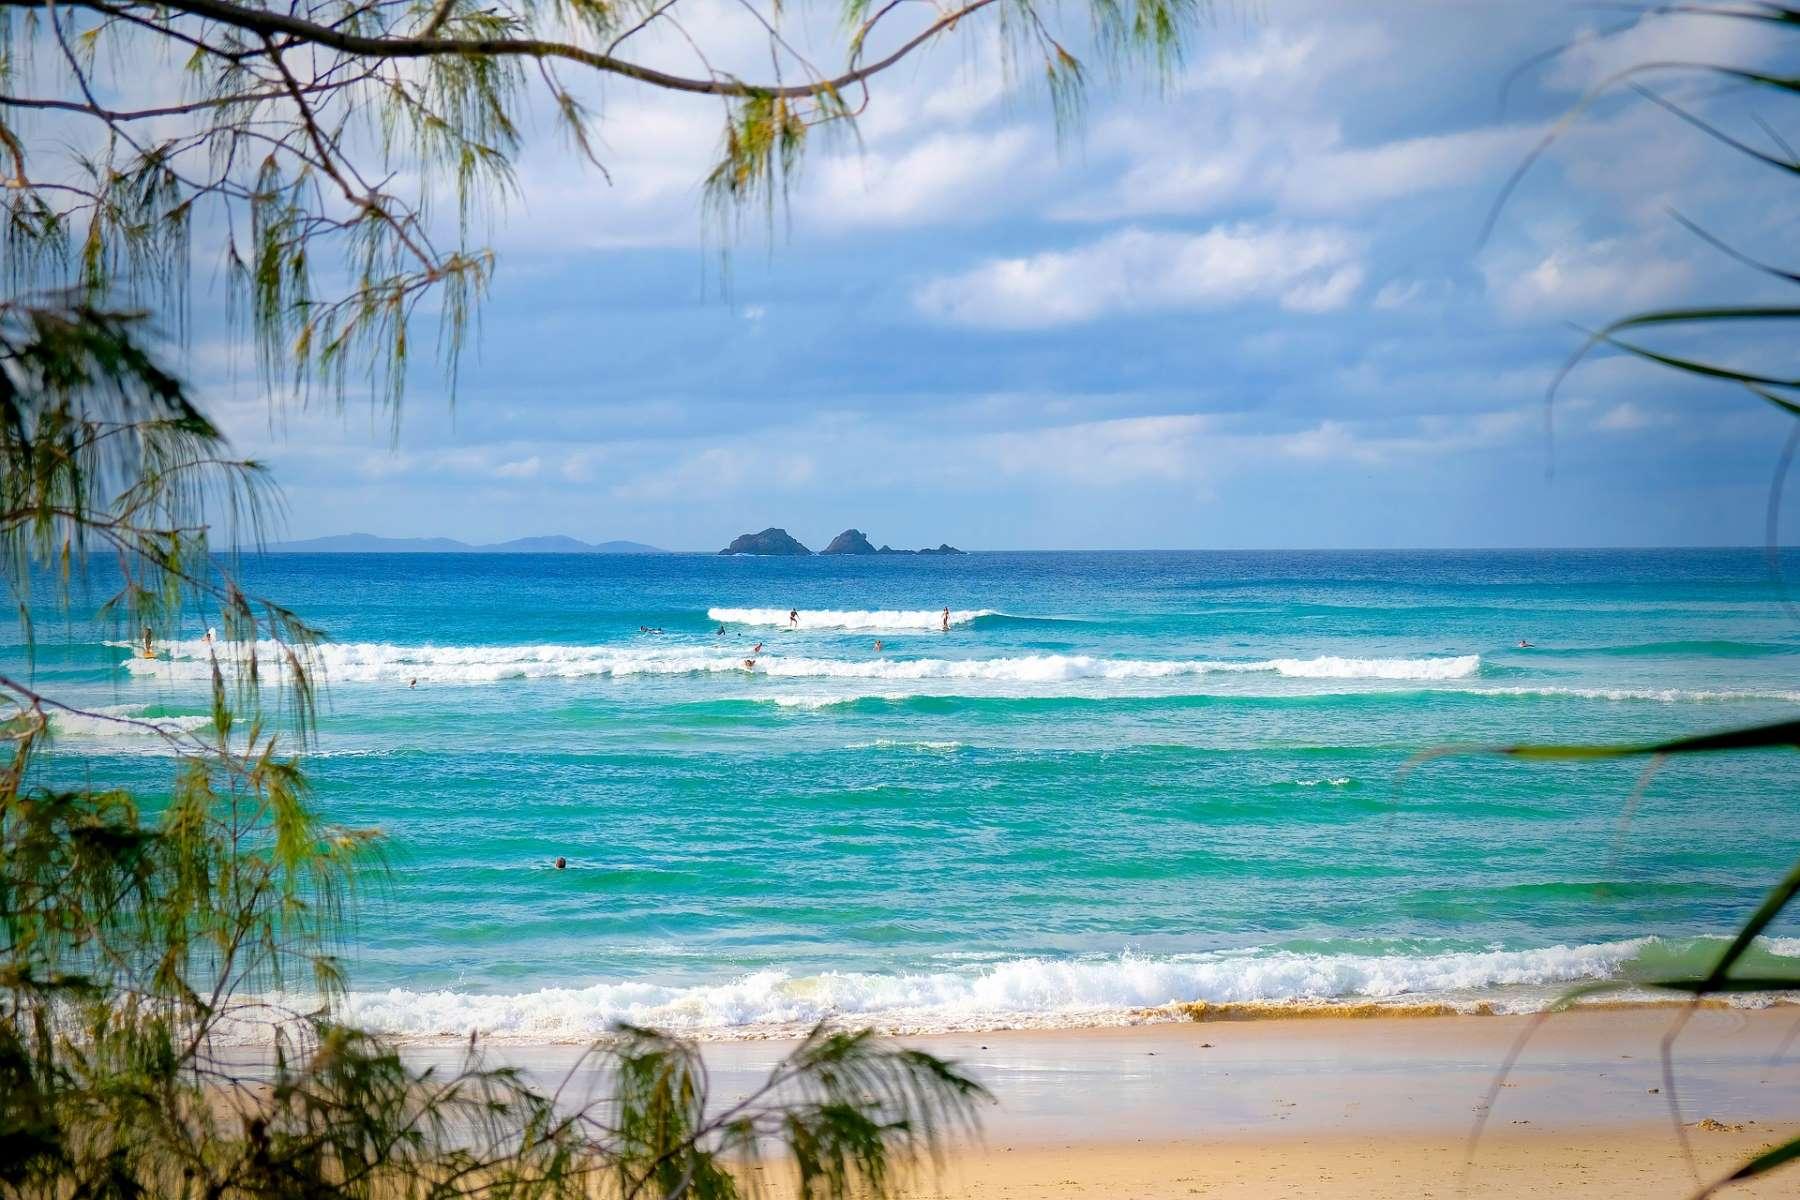 Destinationer Cover - Oceanien - Rejs dig lykkelig